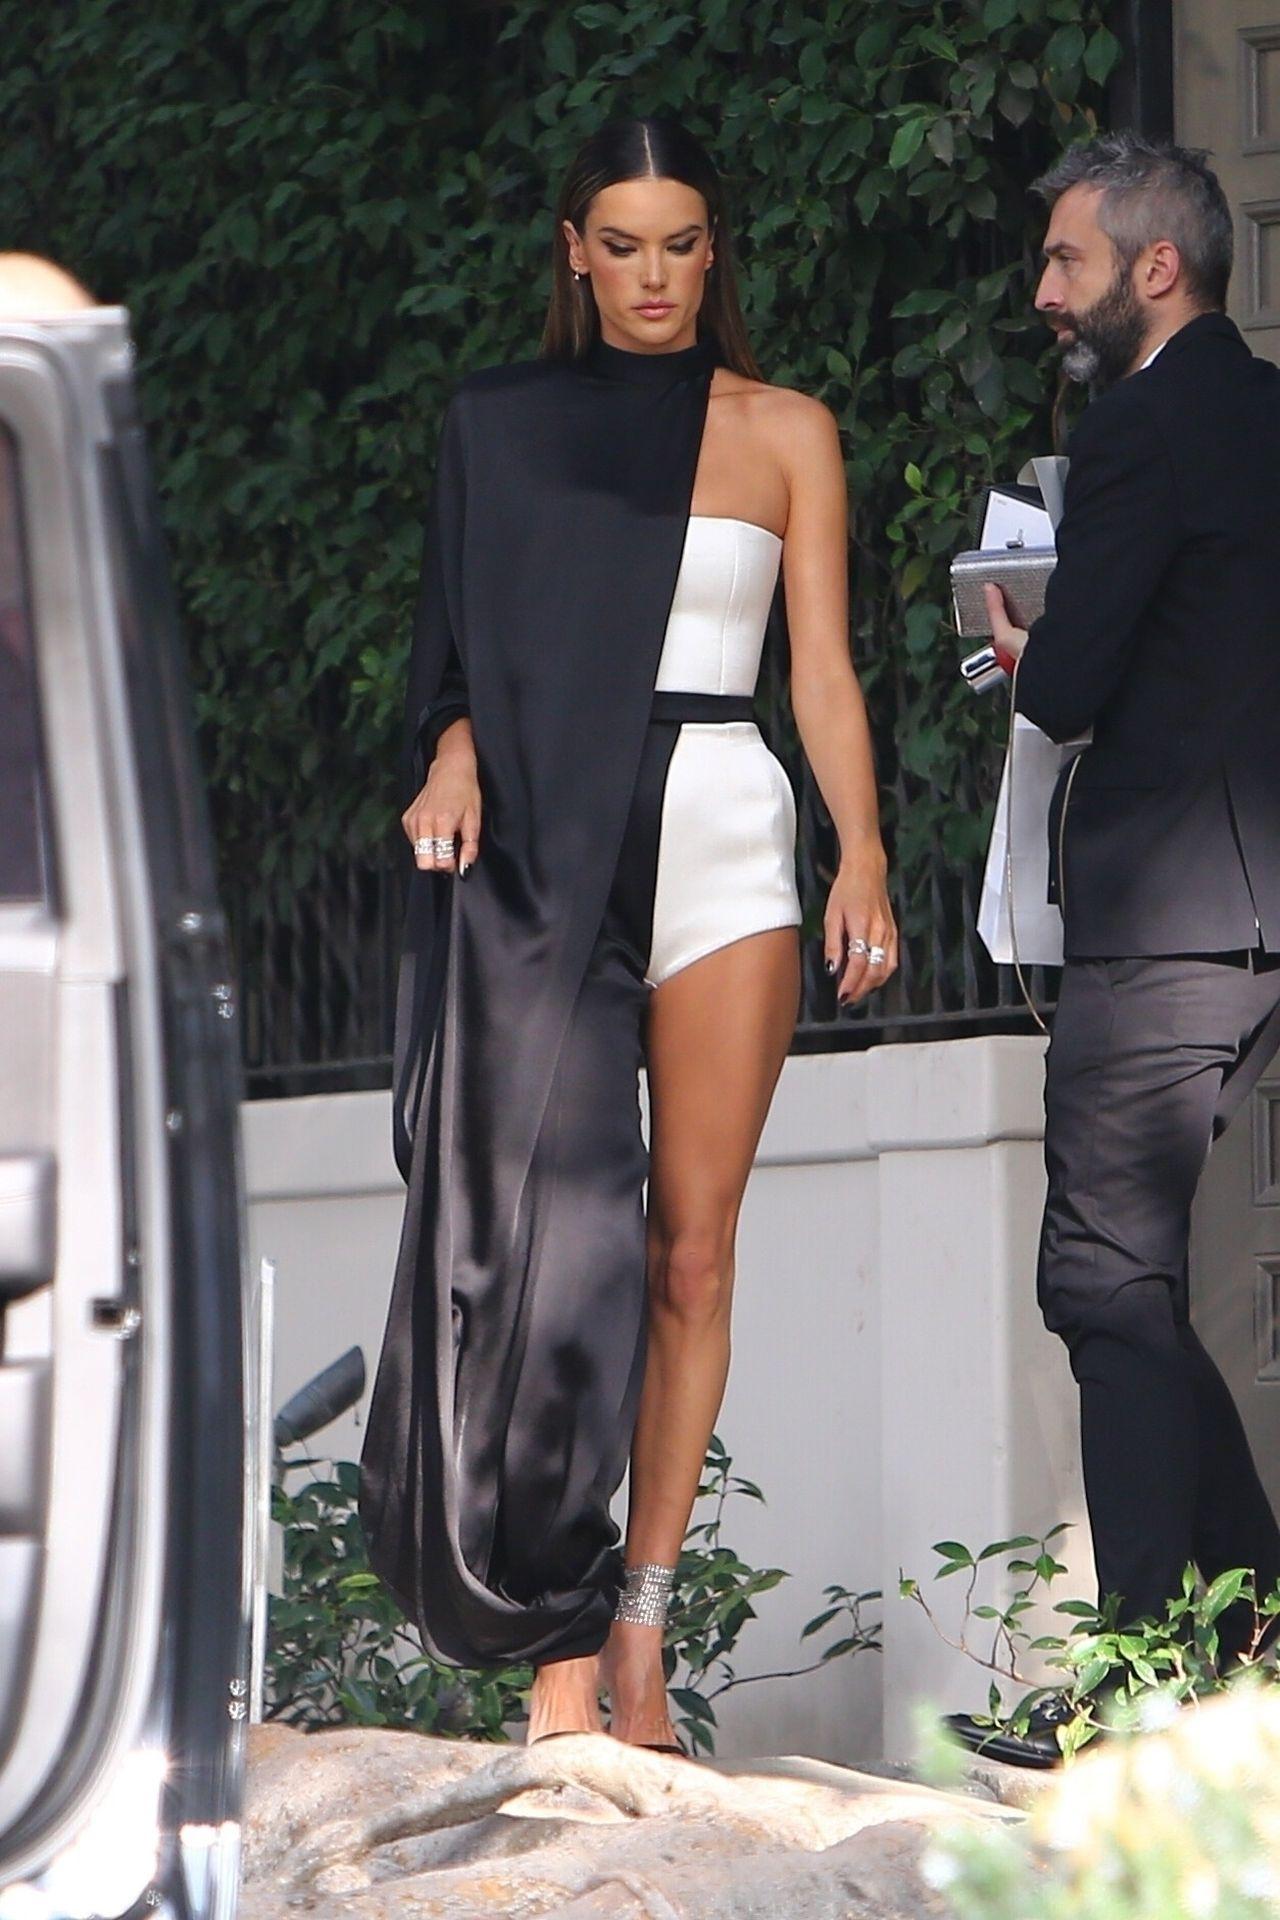 Alessandra Ambrosio Looks Stunning Ahead Of The Grammys 0010